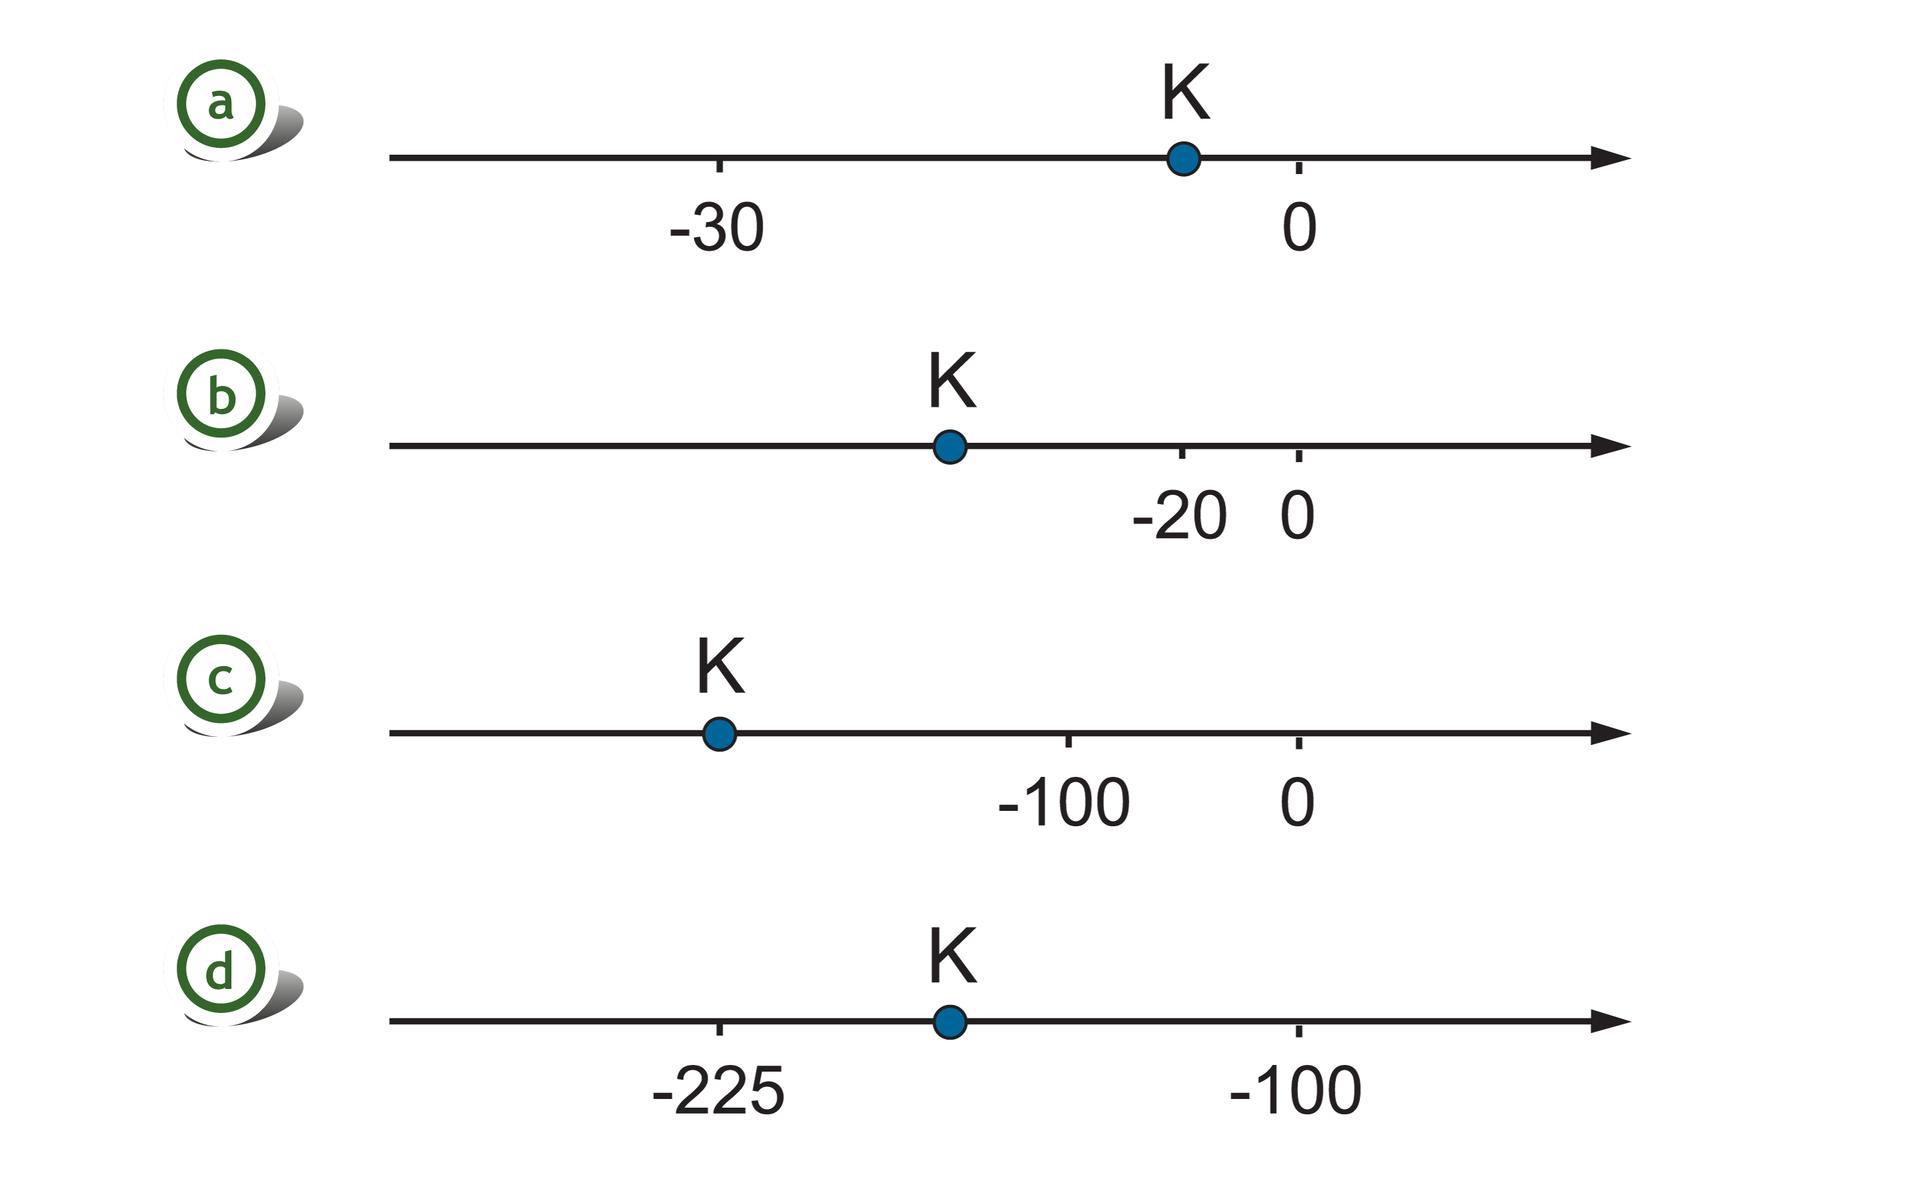 Rysunki czterech osi liczbowych. Na pierwszej osi zaznaczone punkty -30 i0, odcinek jednostkowy równy 6. Szukany punkt Kwyznacza cztery części za punktem -30. Na drugiej osi zaznaczone punkty -20 i0, odcinek jednostkowy równy 20. Szukany punkt Kwyznacza dwie części przed punktem -20. Na trzeciej osi zaznaczone punkty -100 i0, odcinek jednostkowy równy 100. Szukany punkt Kwpołowie między trzecią idrugą częścią przed punktem -100. Na czwartej osi zaznaczone punkty -225 i-100, odcinek jednostkowy równy 25. Szukany punkt Kwyznacza dwie części za punktem -225.